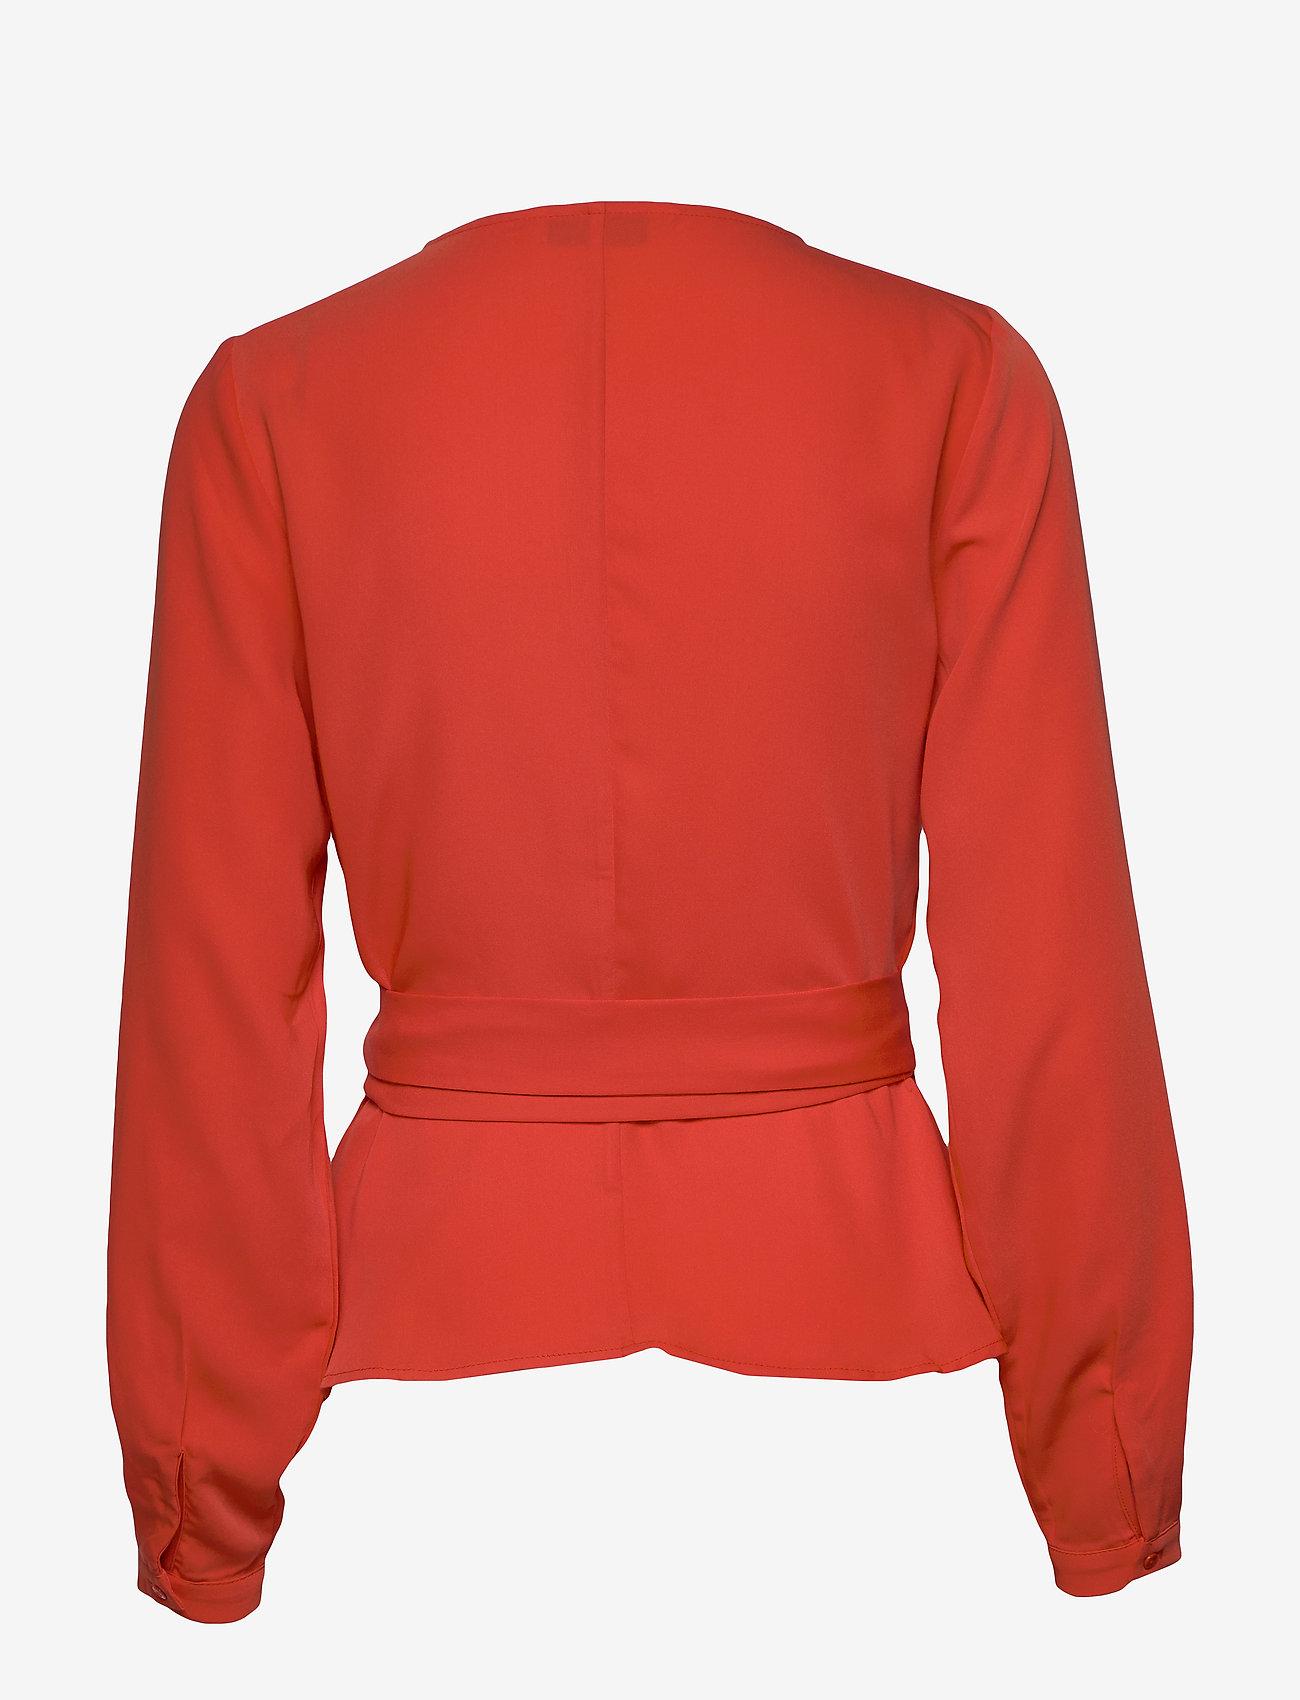 Camilla Pihl Luck wrap top - Bluzki & Koszule BRIGHT RED - Kobiety Odzież.